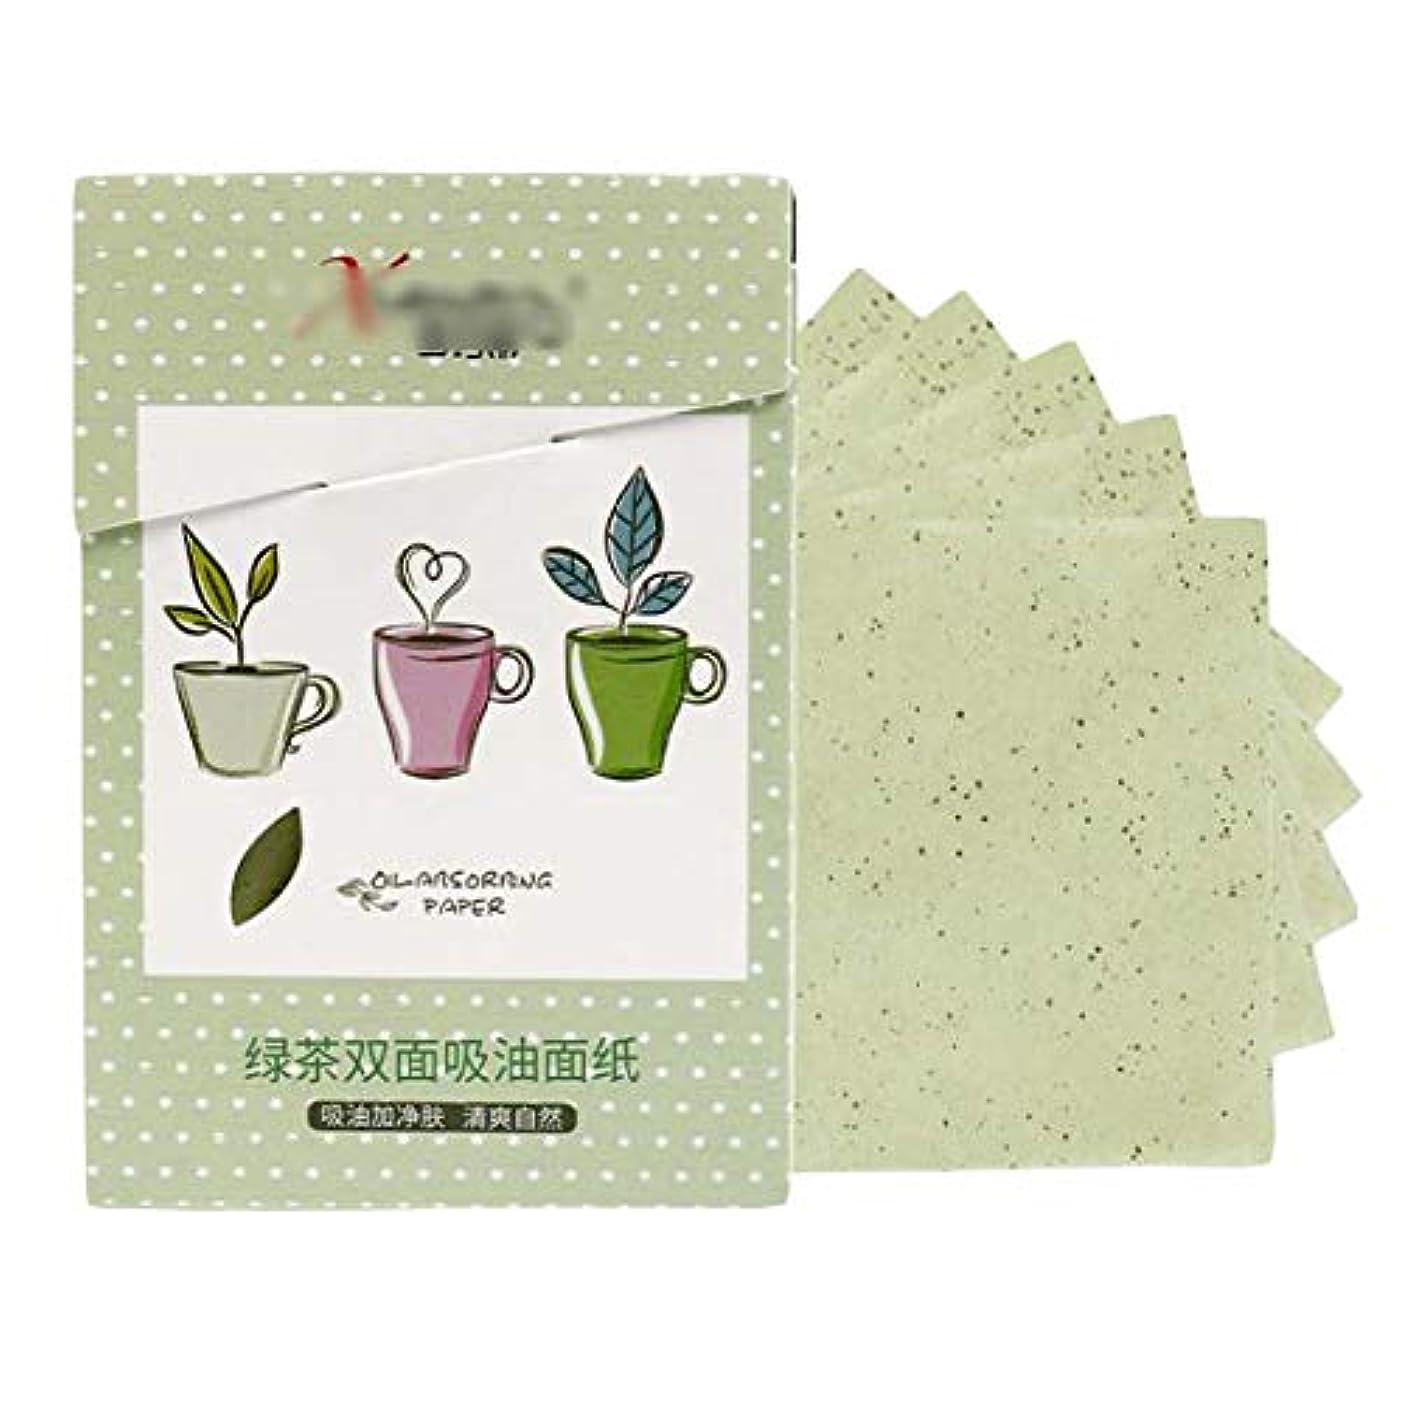 与える使い込む致命的な緑茶オイルブロッティングティッシュフェイスオイル吸収紙、200枚